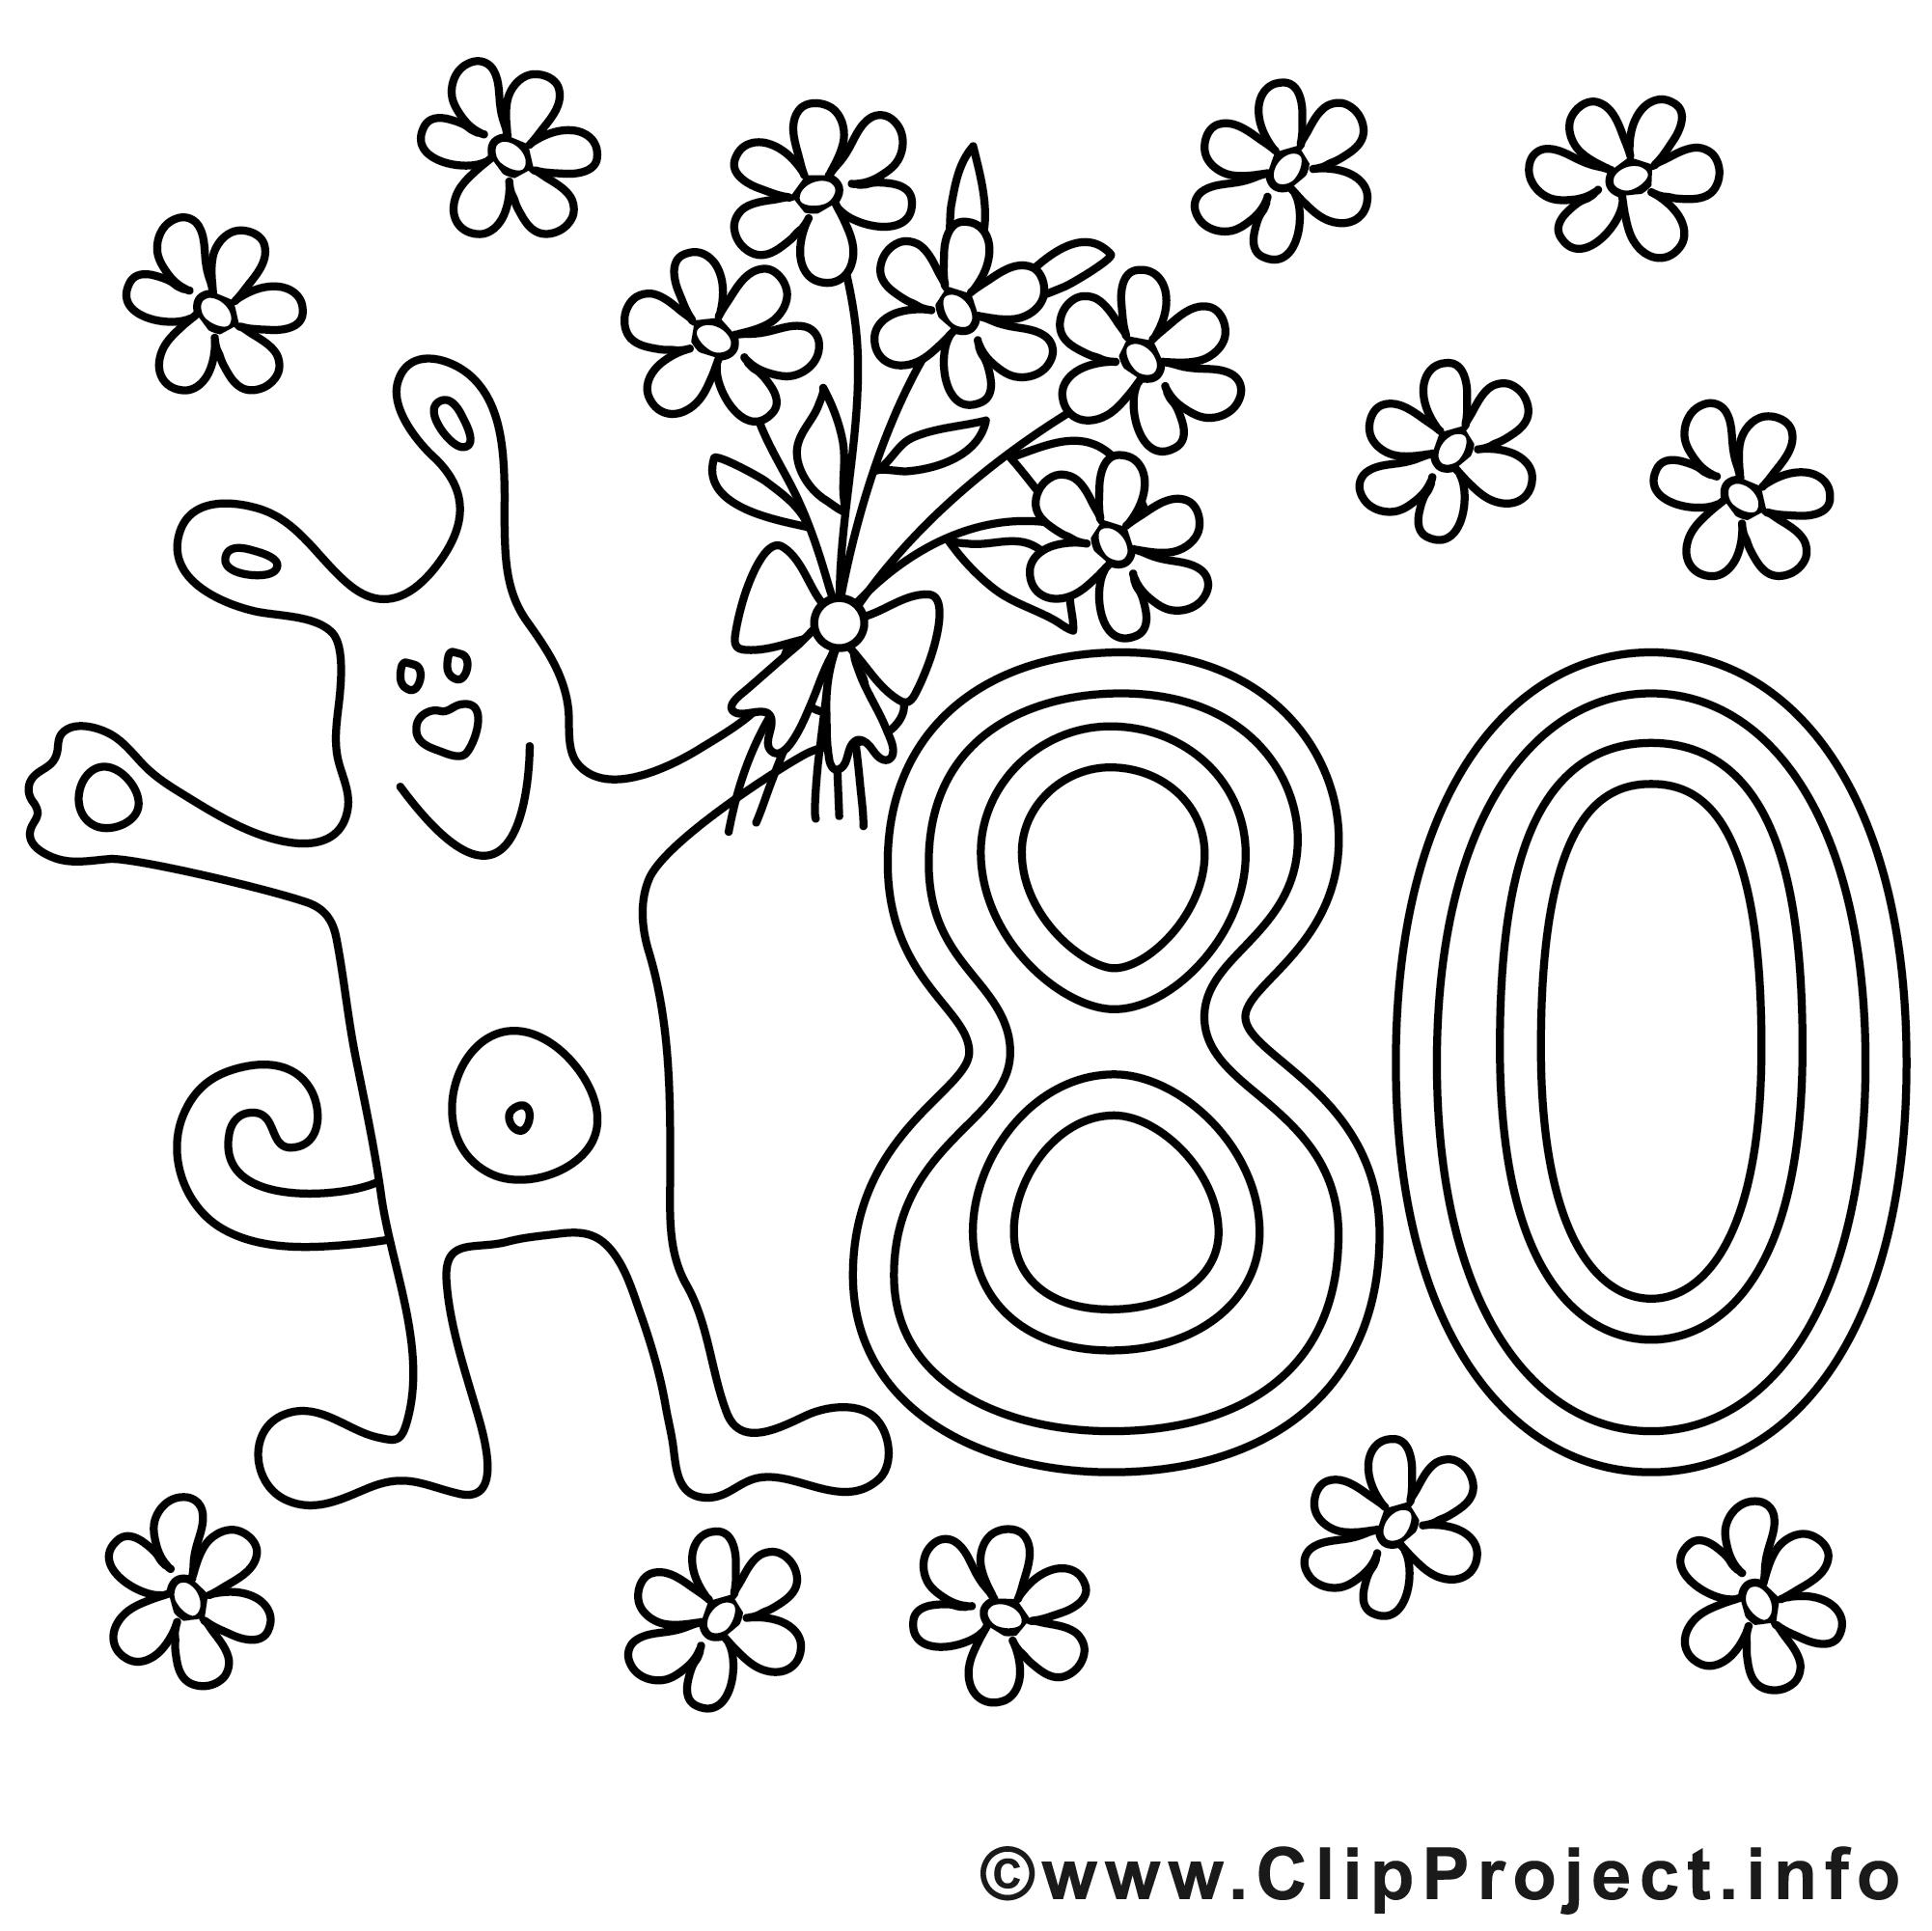 Clipart zum 80 geburtstag clip art black and white Cartoon Hund mit Blumen Bild zum Ausmalen zum 80 Geburtstag clip art black and white